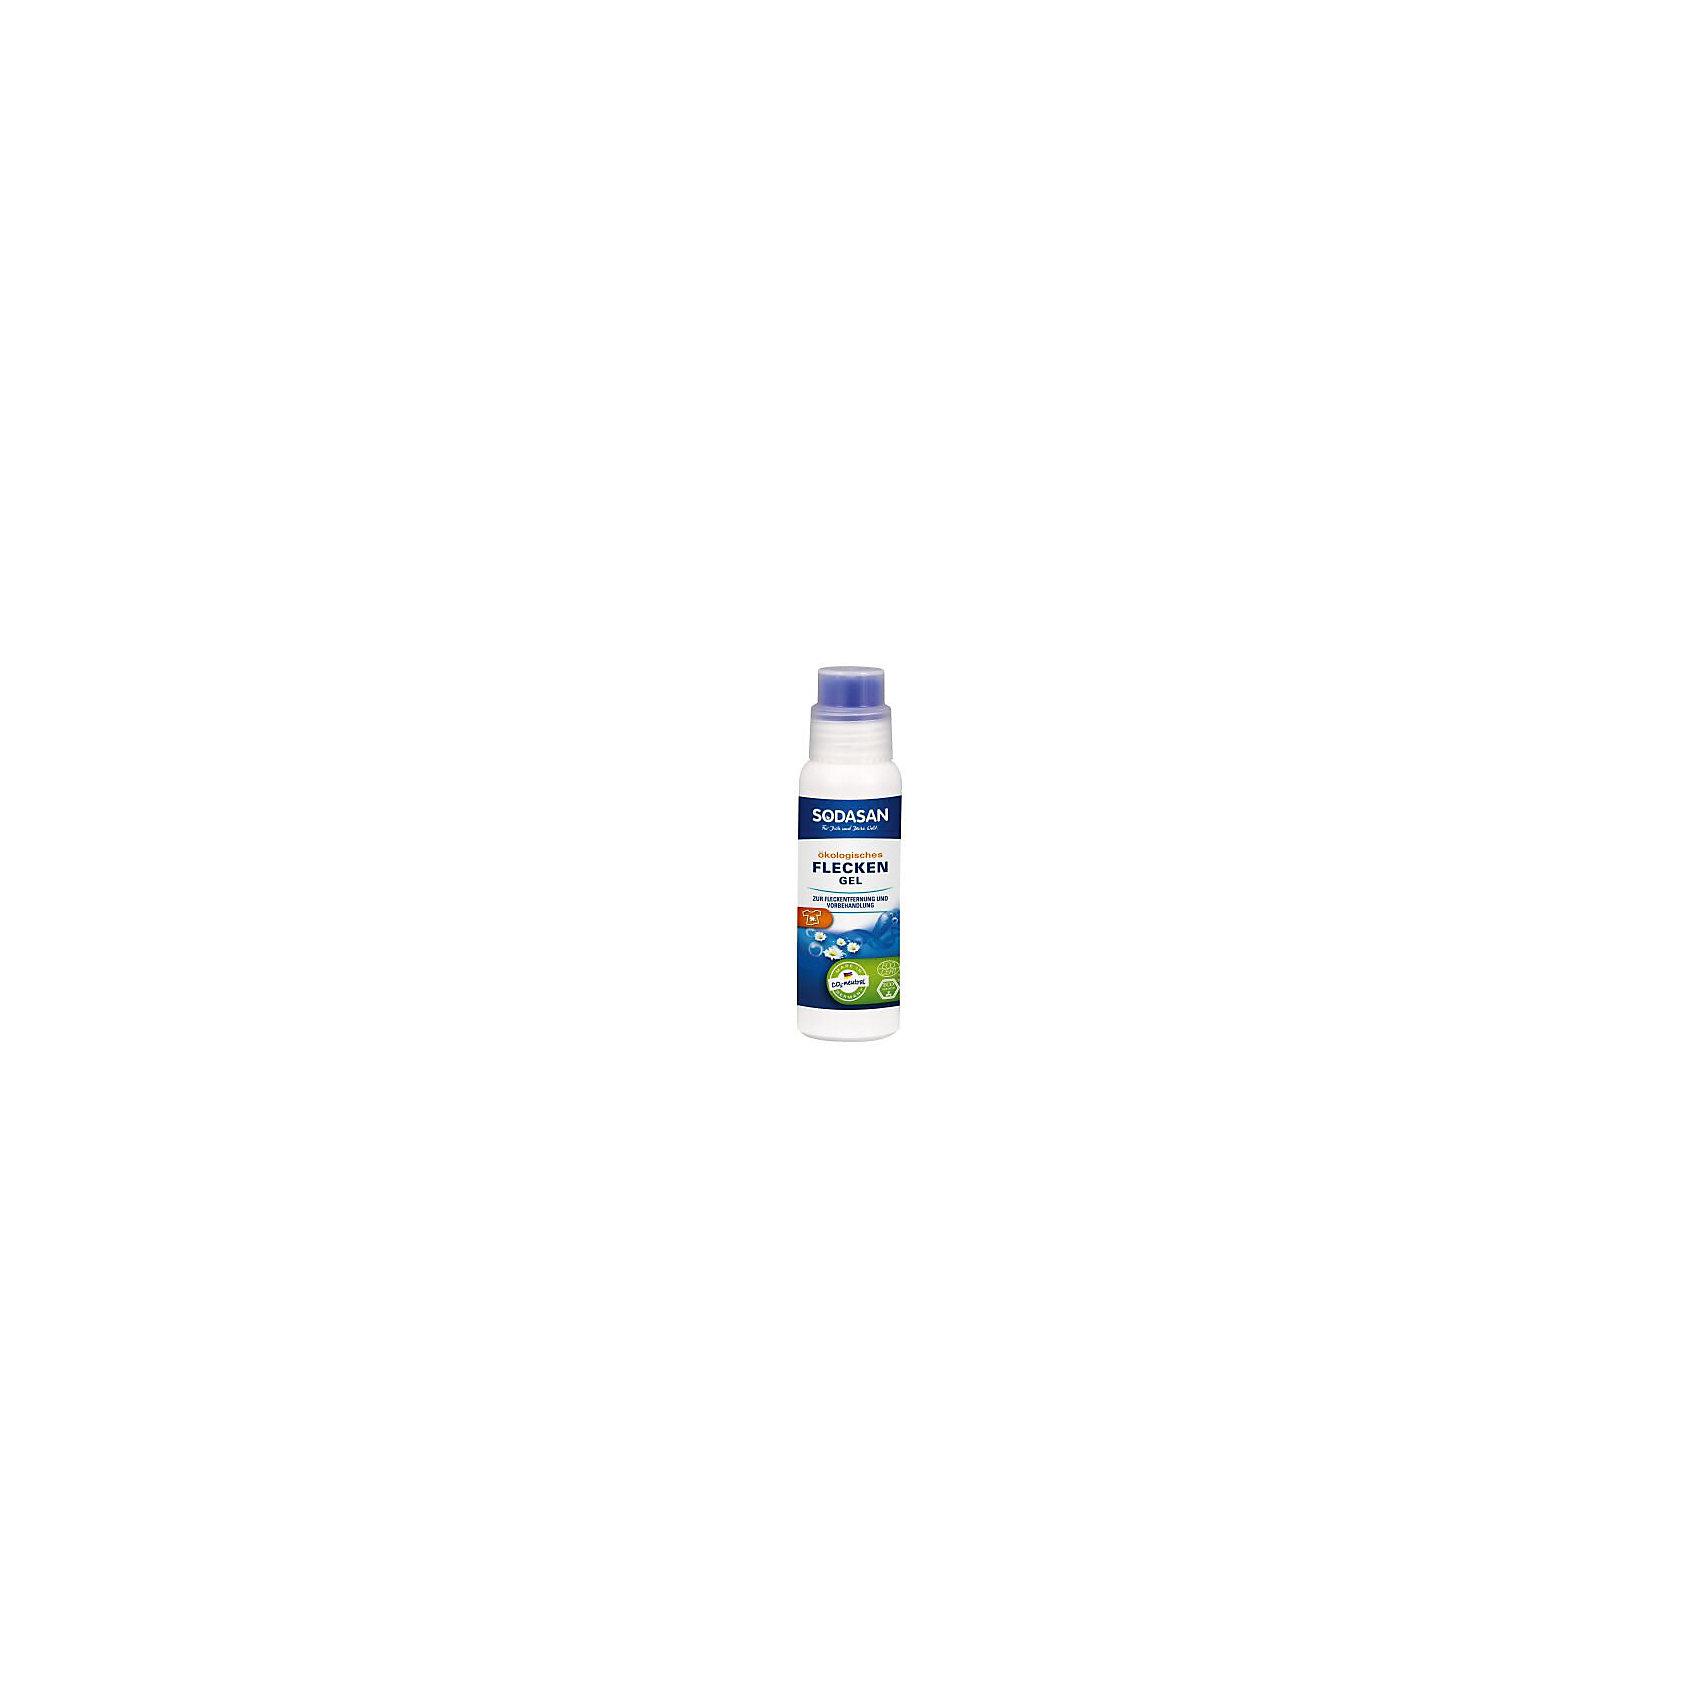 Гель-концентрат для удаления пятен 200мл, SodasanБытовая химия<br>Эффективные действия против сильных пятен<br>Преимущества:<br><br>насадка проста в использовании <br>эффективное удаление пятен<br>содержит органические растительные масла<br>без ферментов и ГМ <br>БЕЗ красителей и консервантов<br>Использование: <br>Для эффективного удаления пятен, таких от травы, крови, шоколада, масла, фруктов.<br><br>Экологические преимущества:<br>Гель состоит из мыла, которое подвержено быстрому и полному разлагается биоразложению. Продукт является CO2-нейтральным. Мы используем только электроэнергию Greenpeace energy, следовательно, на 100% обходимся без ядерной энергии. <br><br>Добавить комментарий<br><br>Ширина мм: 250<br>Глубина мм: 100<br>Высота мм: 250<br>Вес г: 200<br>Возраст от месяцев: 216<br>Возраст до месяцев: 1188<br>Пол: Унисекс<br>Возраст: Детский<br>SKU: 5407604